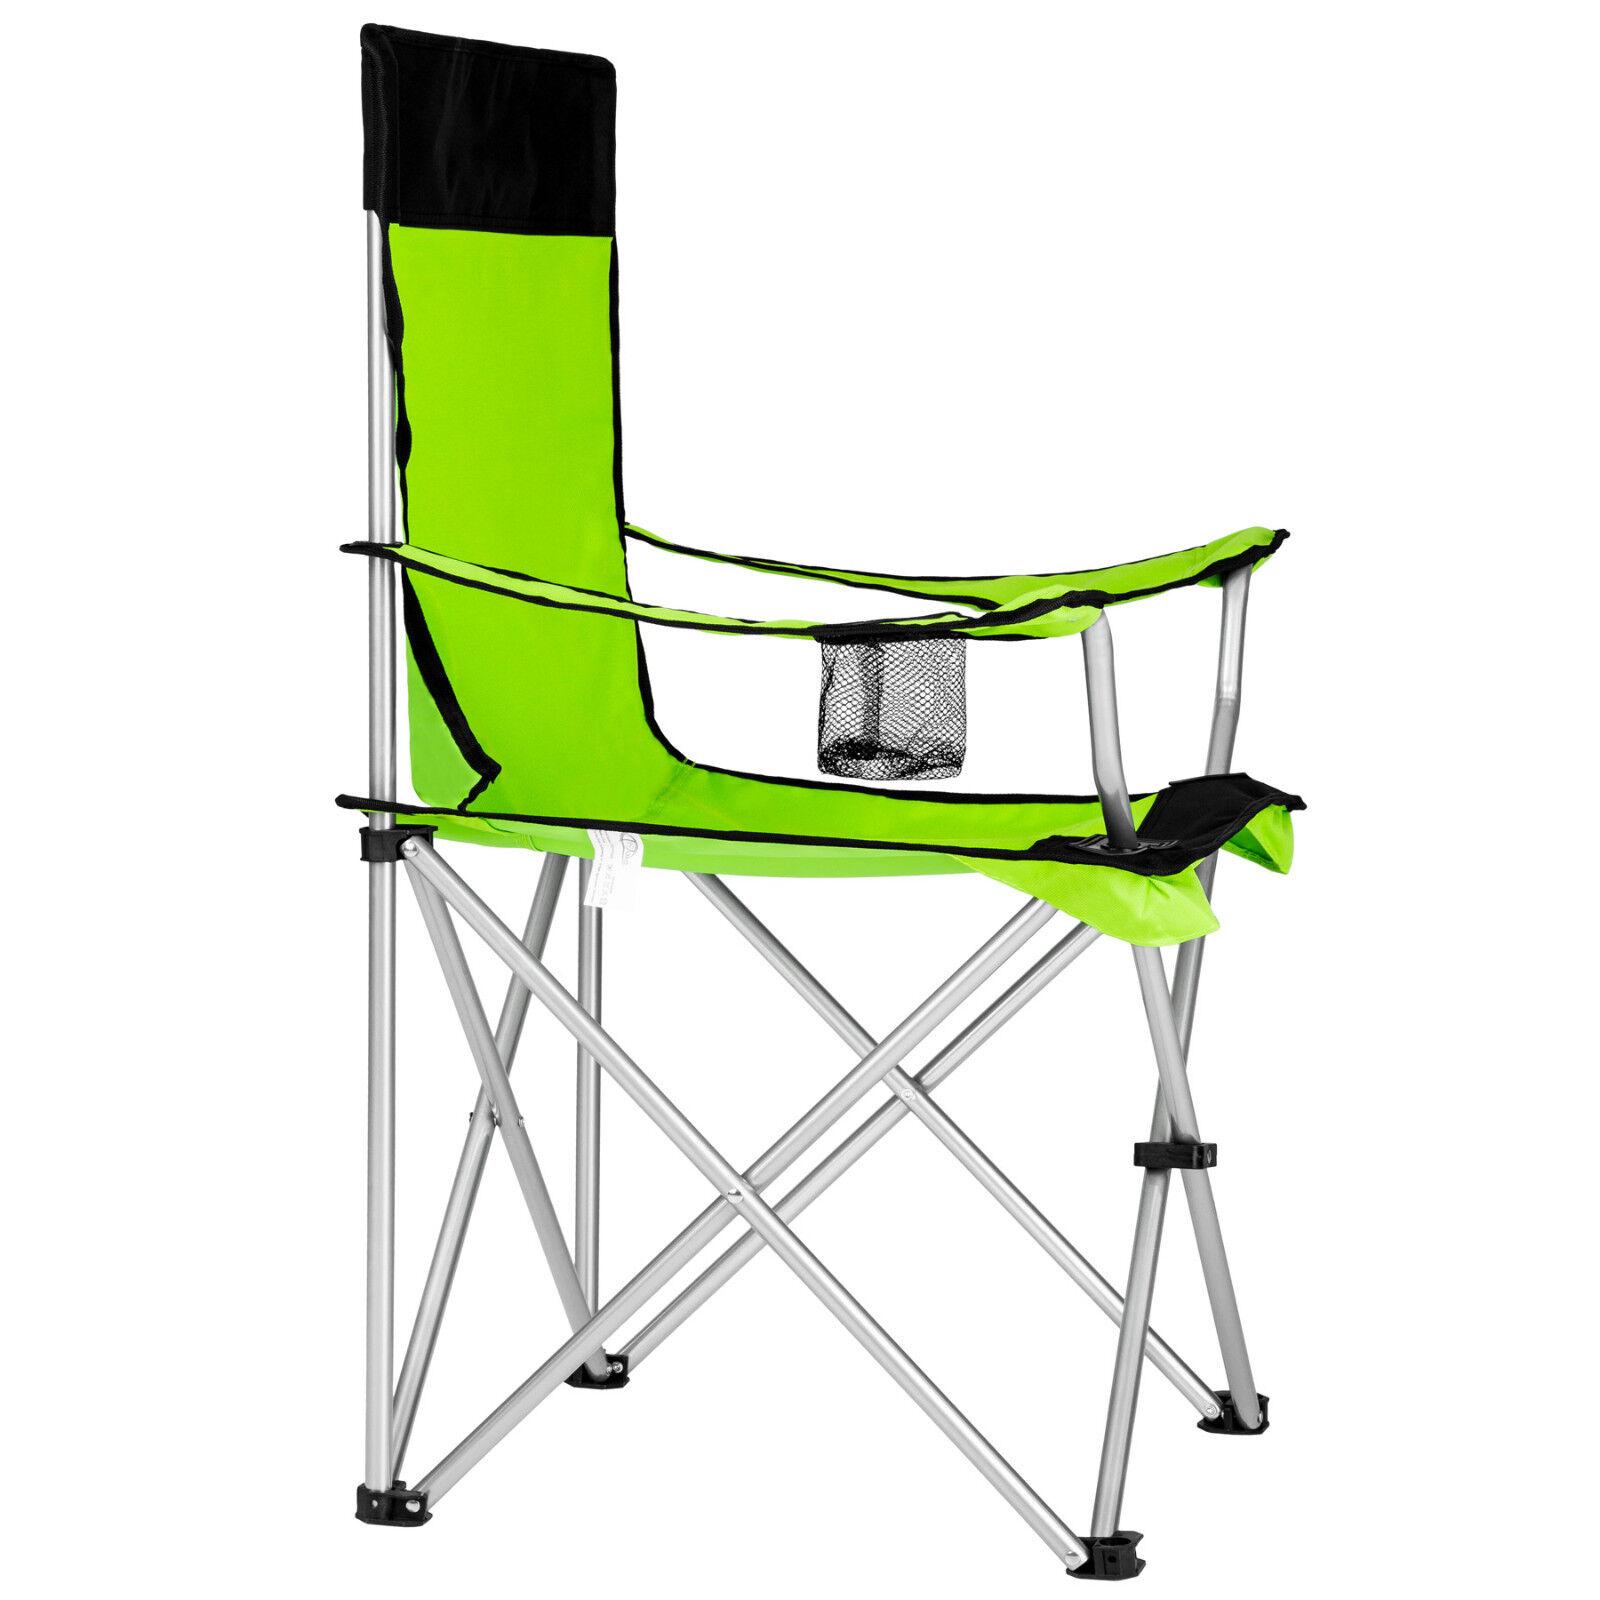 6x Sedia Pieghevole Da Campeggio Borsa Camping Sedia Sedia Sedia Spiaggia da Esterno verde b463f4